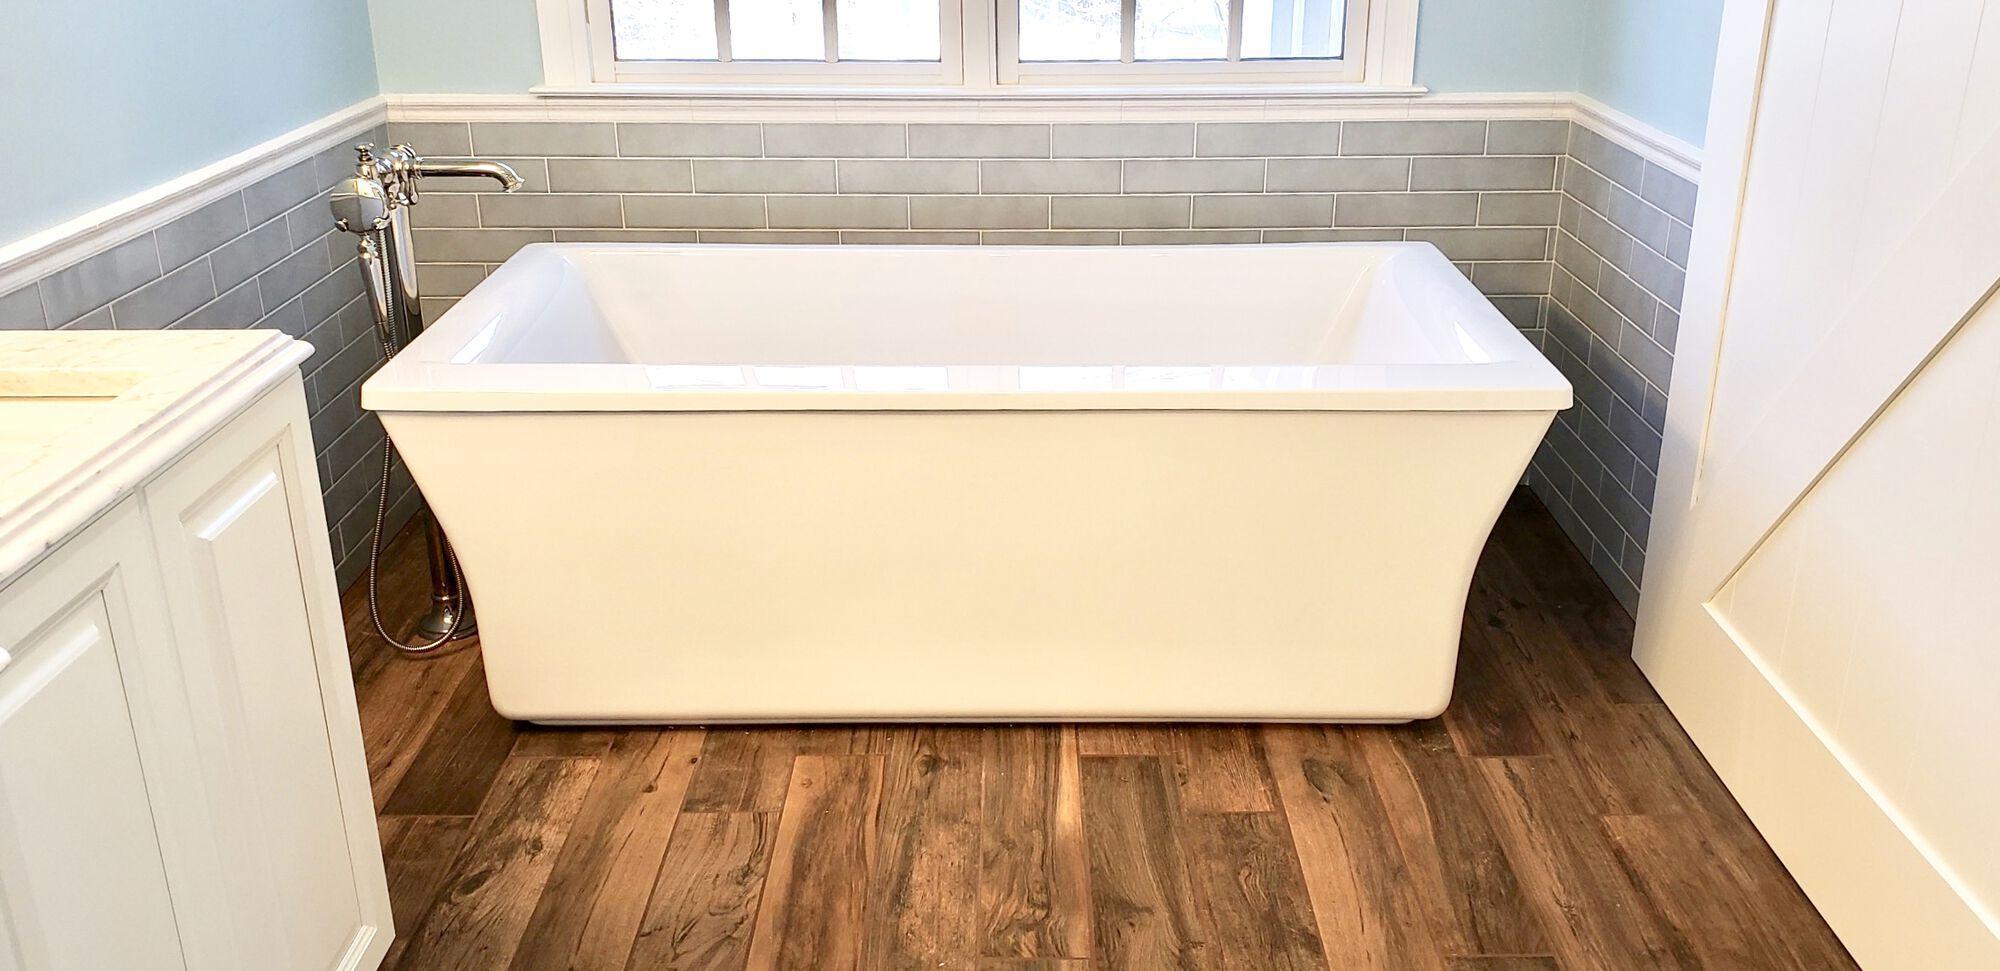 Freestanding Tub, Wood Plank Tile, Porcelain Subway Tile in North NJ